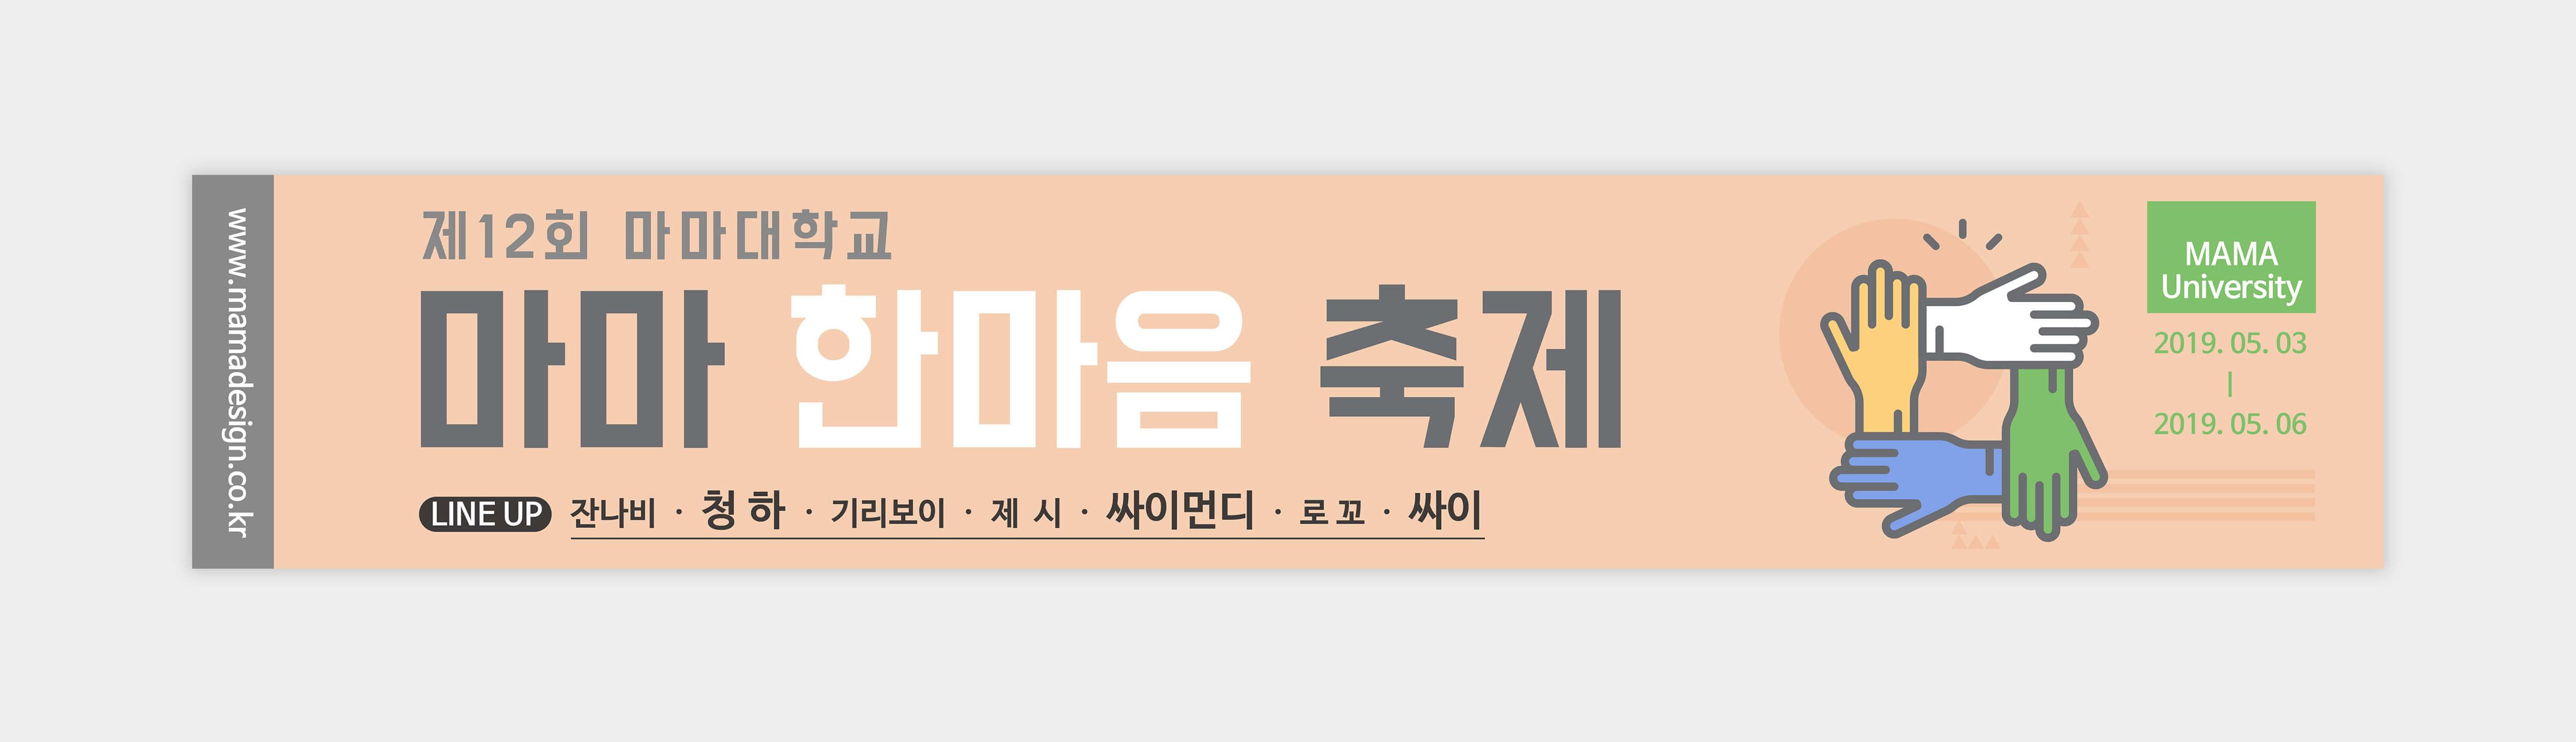 현수막_062